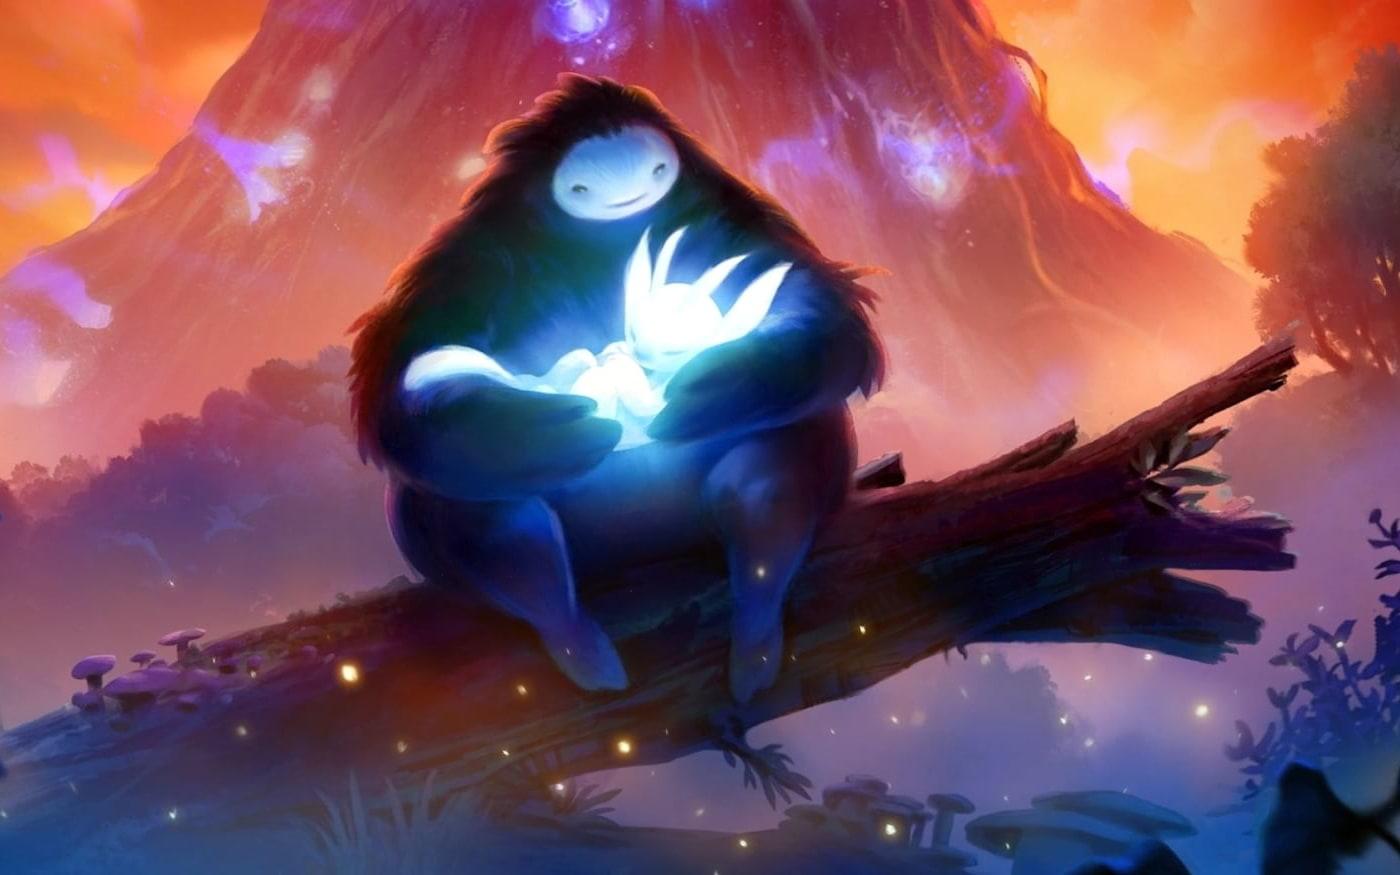 Ori and the Blind Forest confirmado e com data na Nintendo Switch